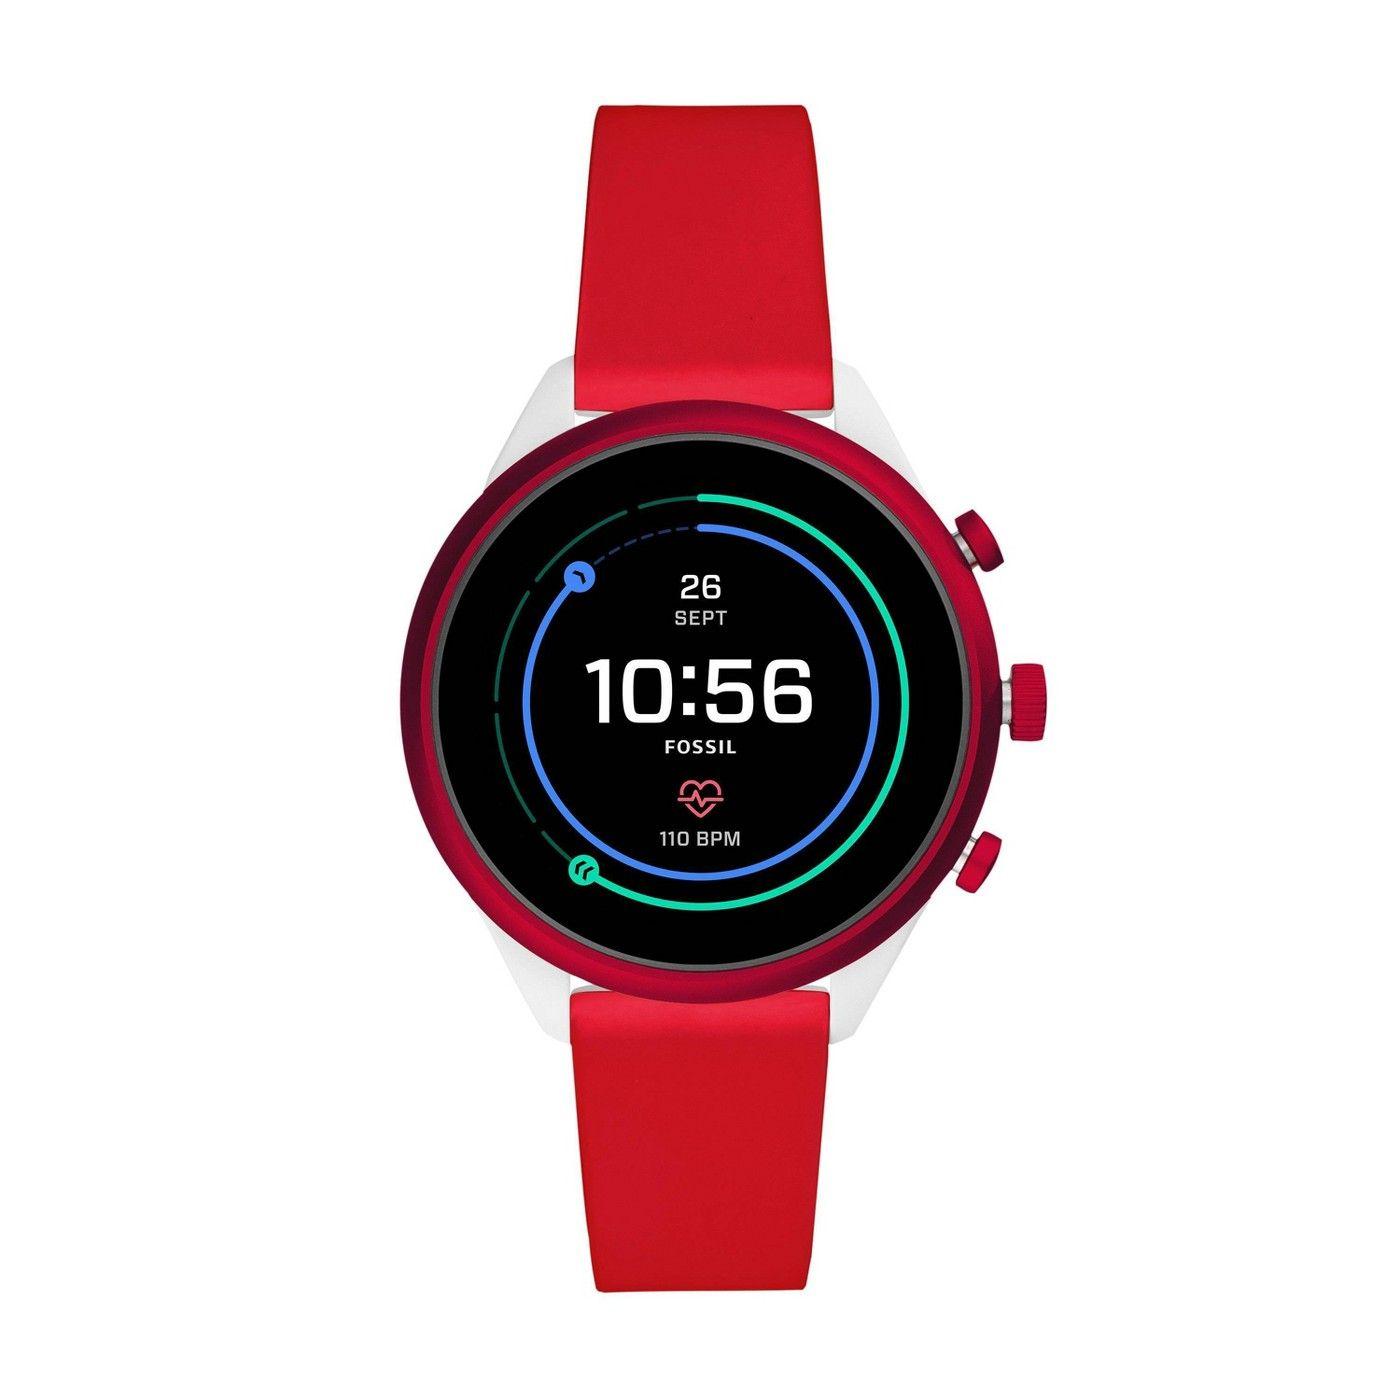 Fossil Sport Smartwatch in 2020 Smart watch, Smartwatch